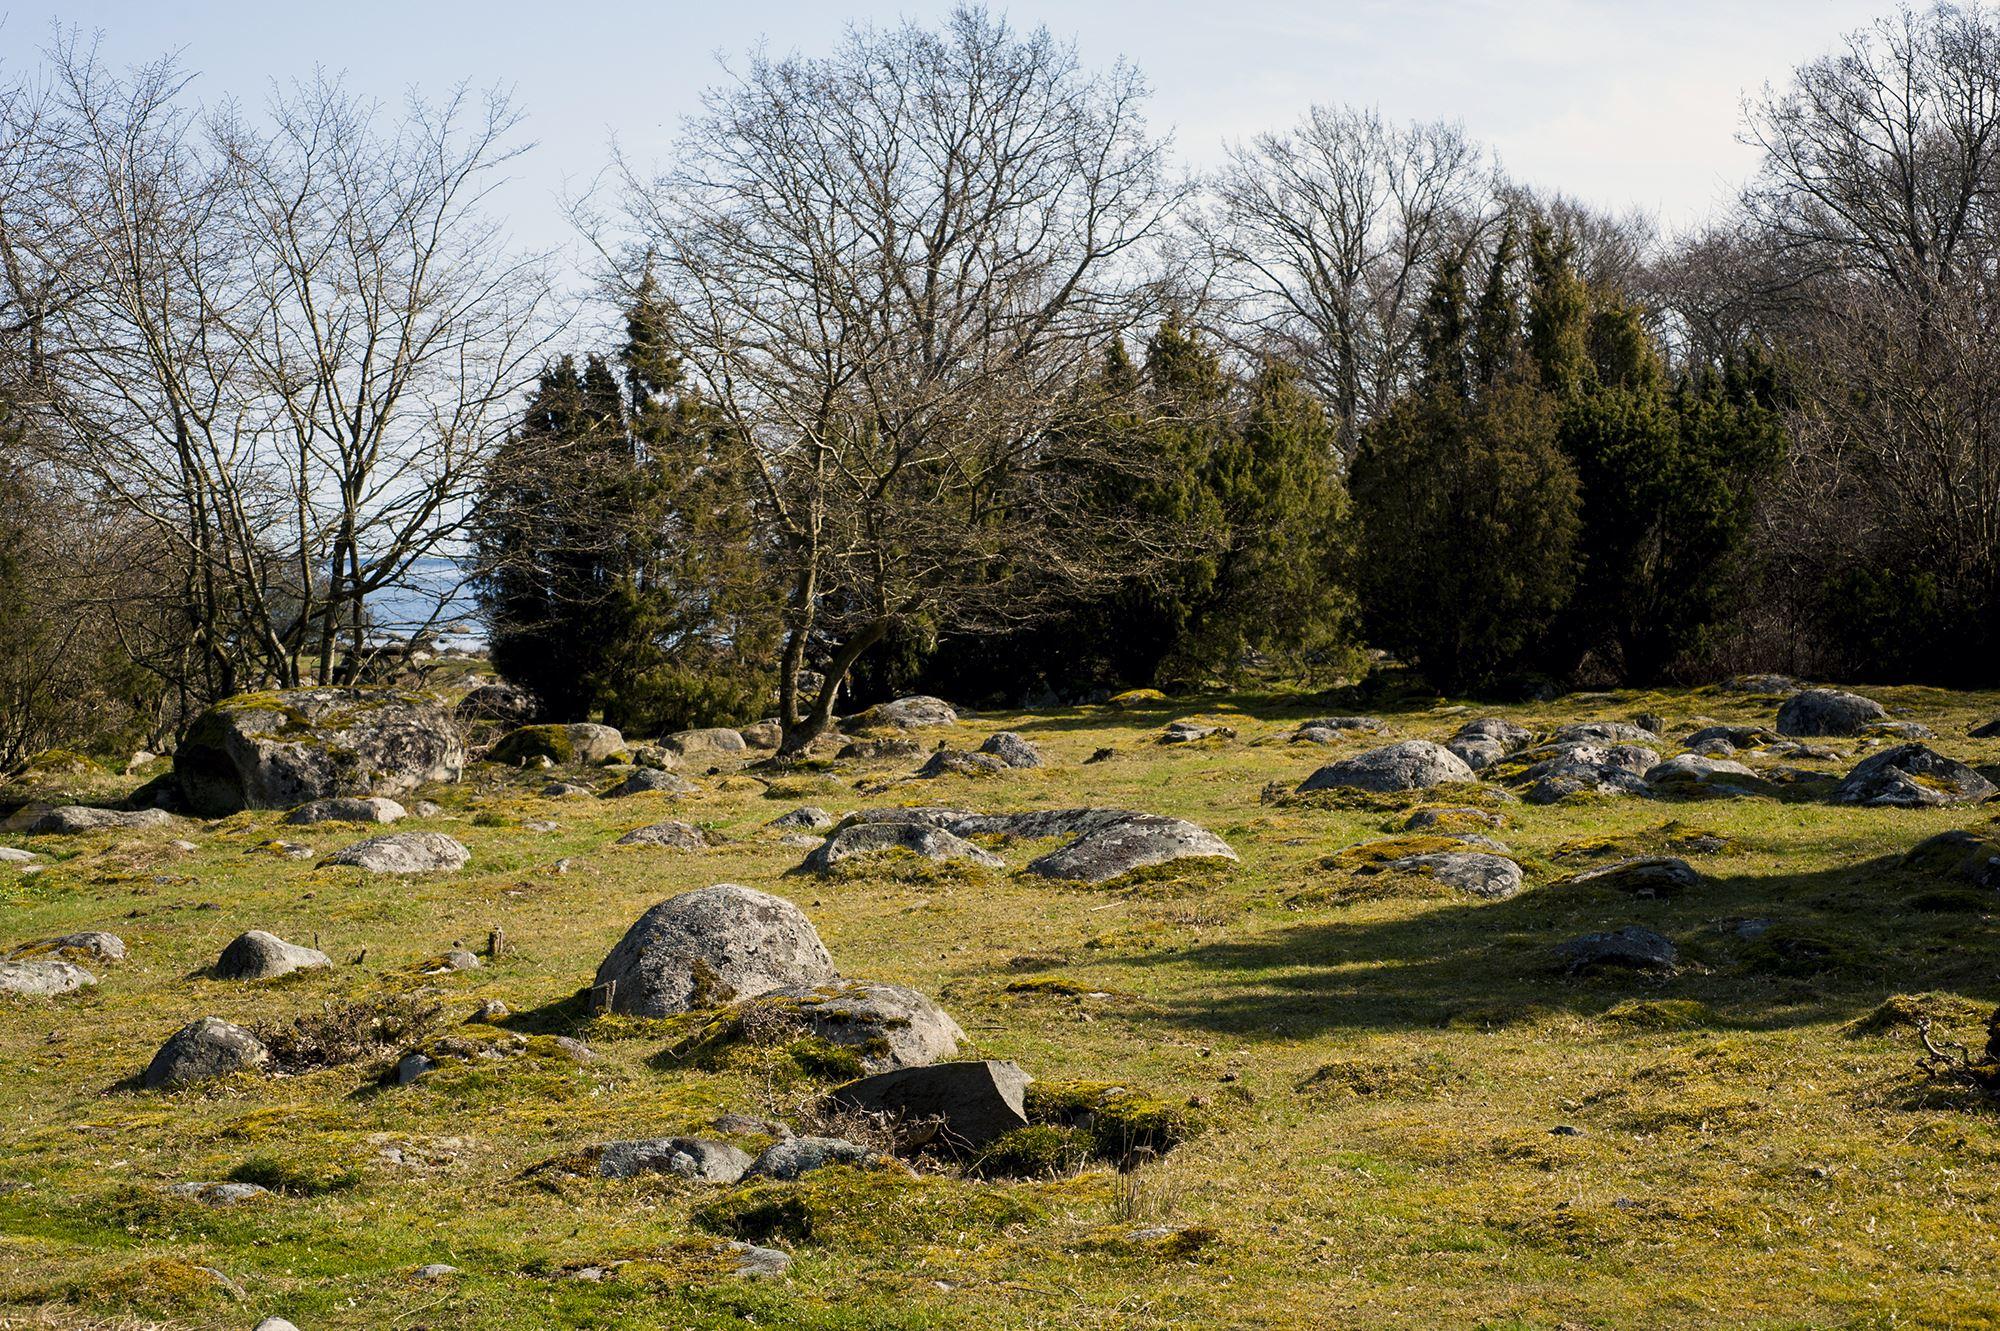 Robert Petersson, Spraglehall - Naturschutzgebiet